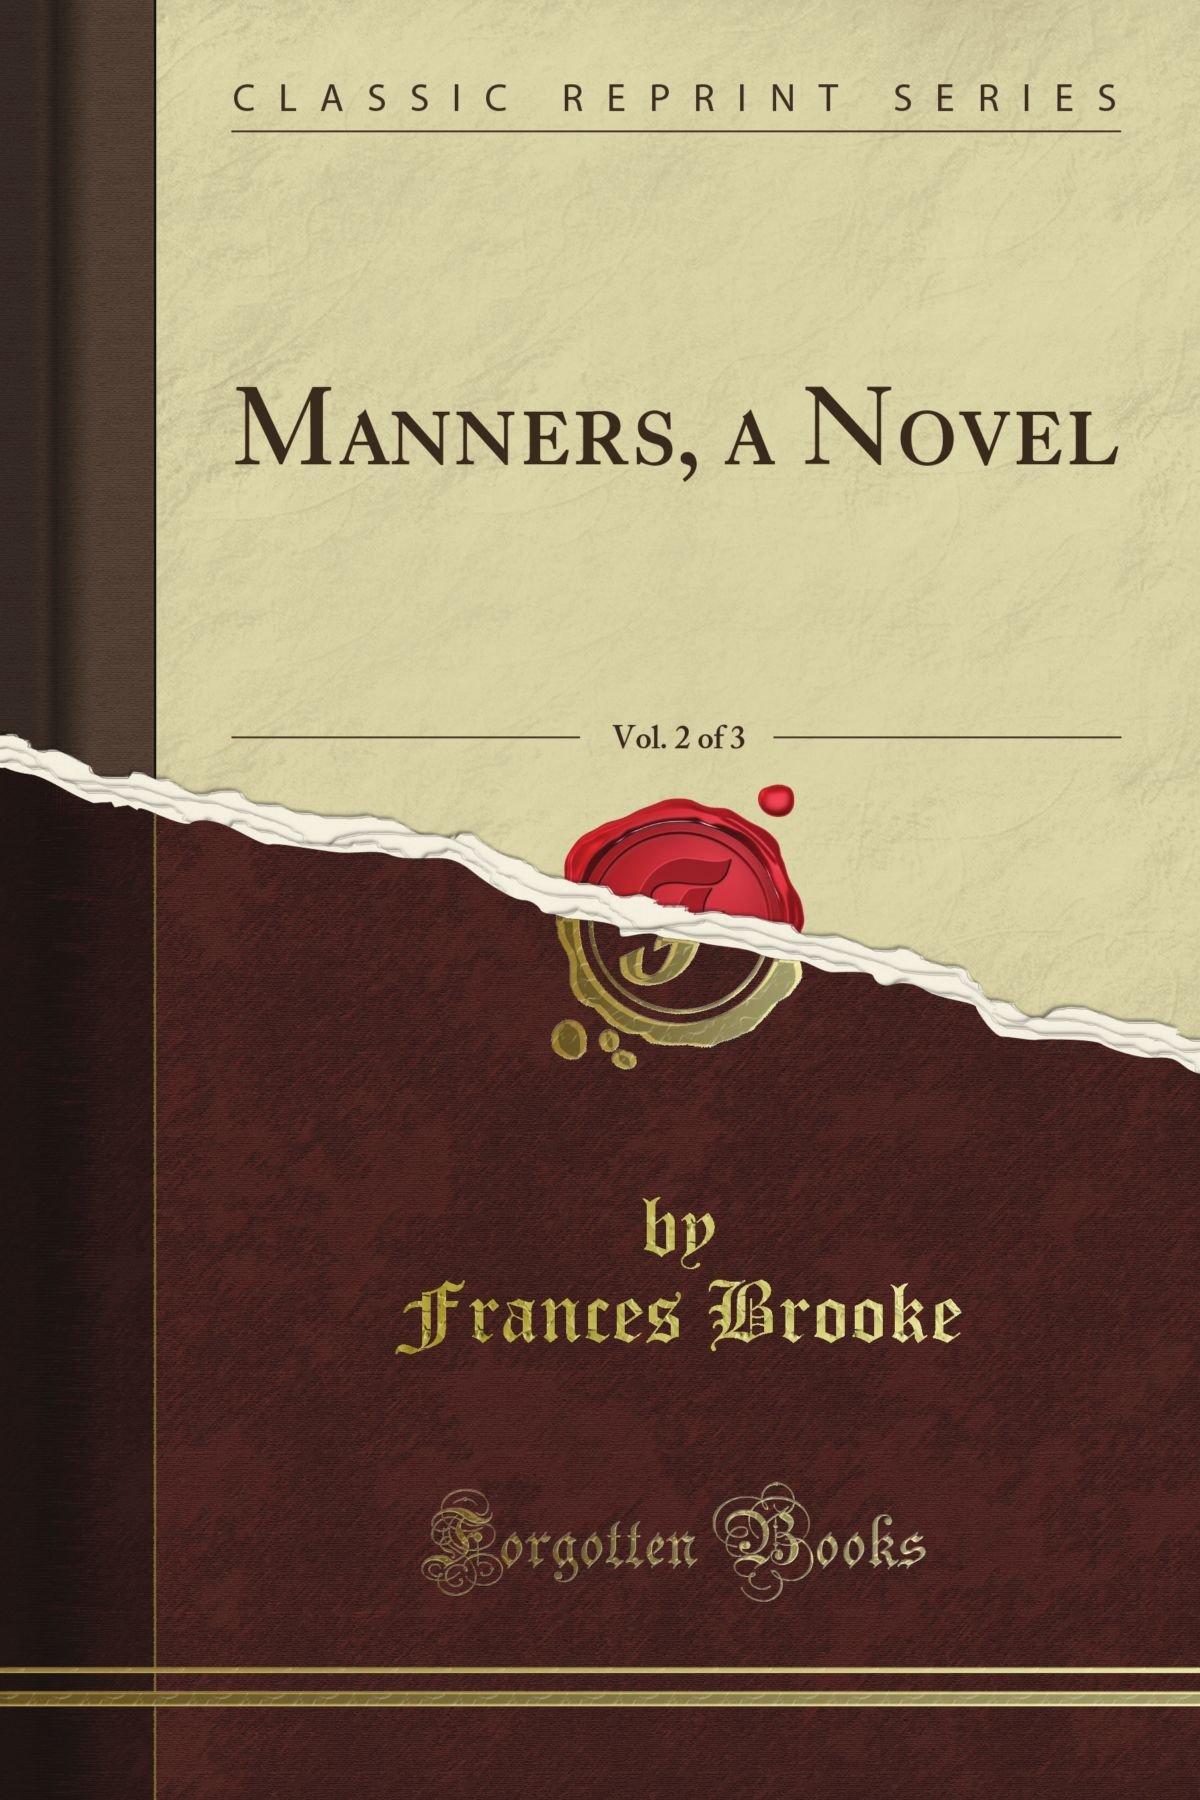 Manners: A Novel, Vol 2